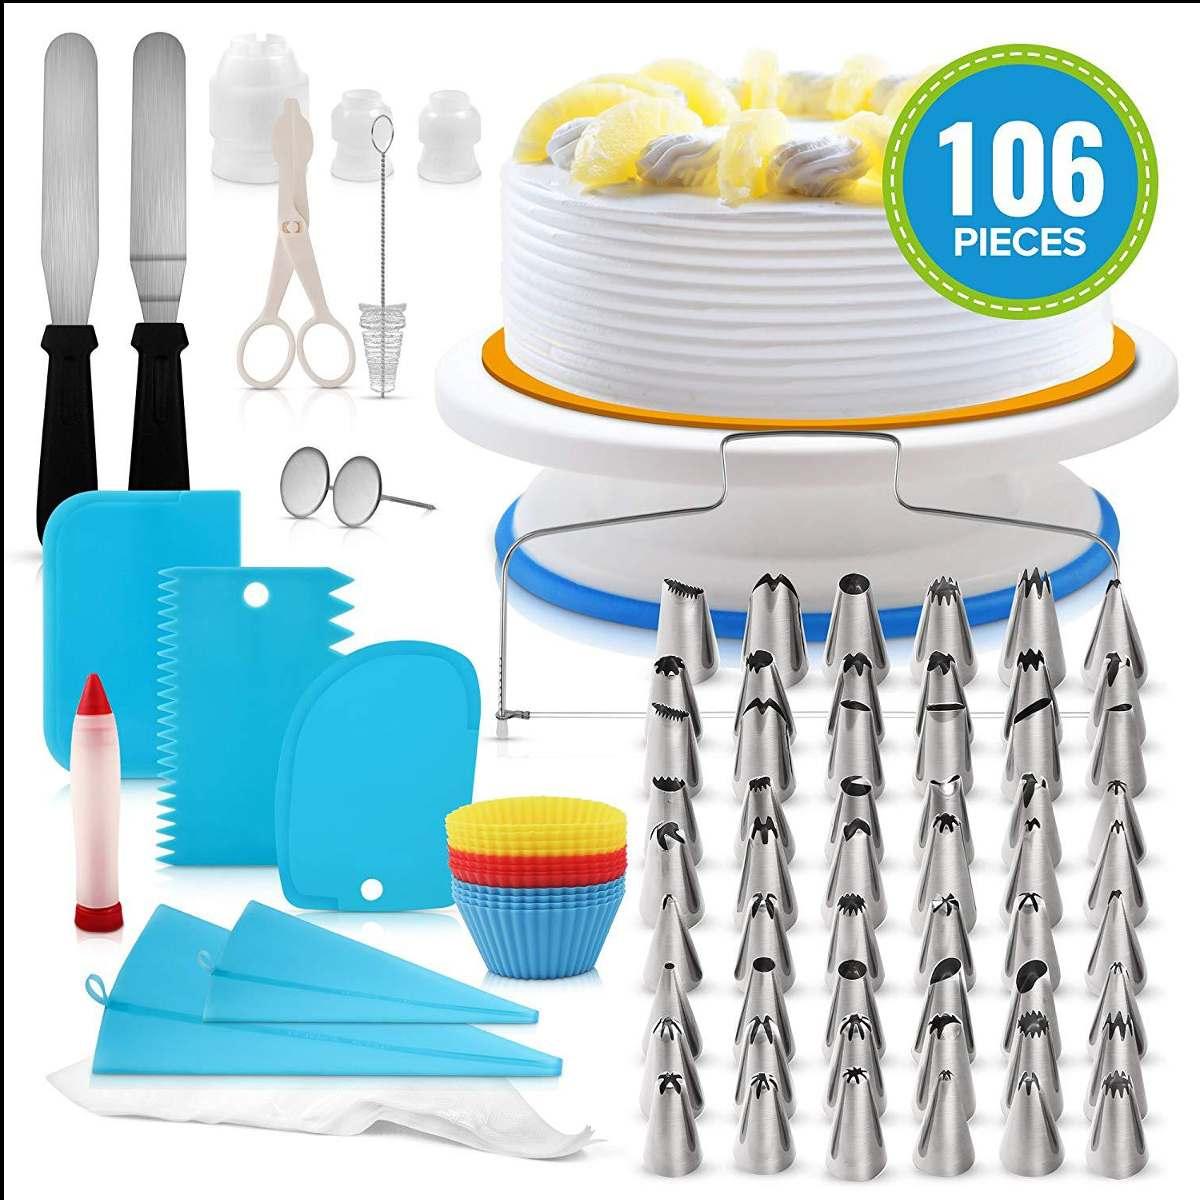 106pcs Cake Turntable Cake Decorating Kit Rotating Cake Stand DIY Baking Tool Kitchen Dessert Baking Supplies Display Stand Sets